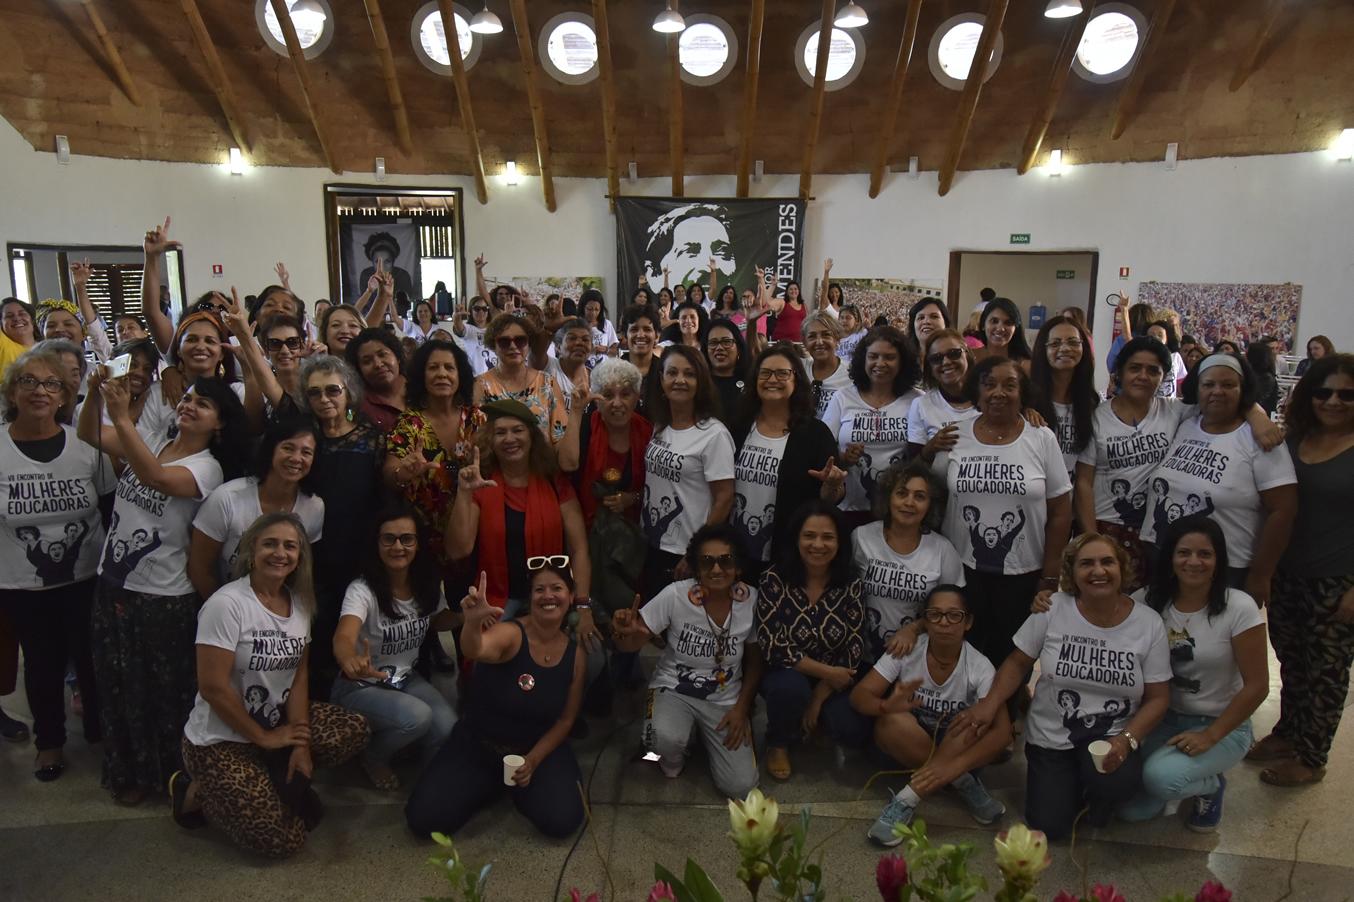 2019.04.27_ENCONTRO-MULHERES-EDUCADORAS_fotos-Deva-Garcia-48